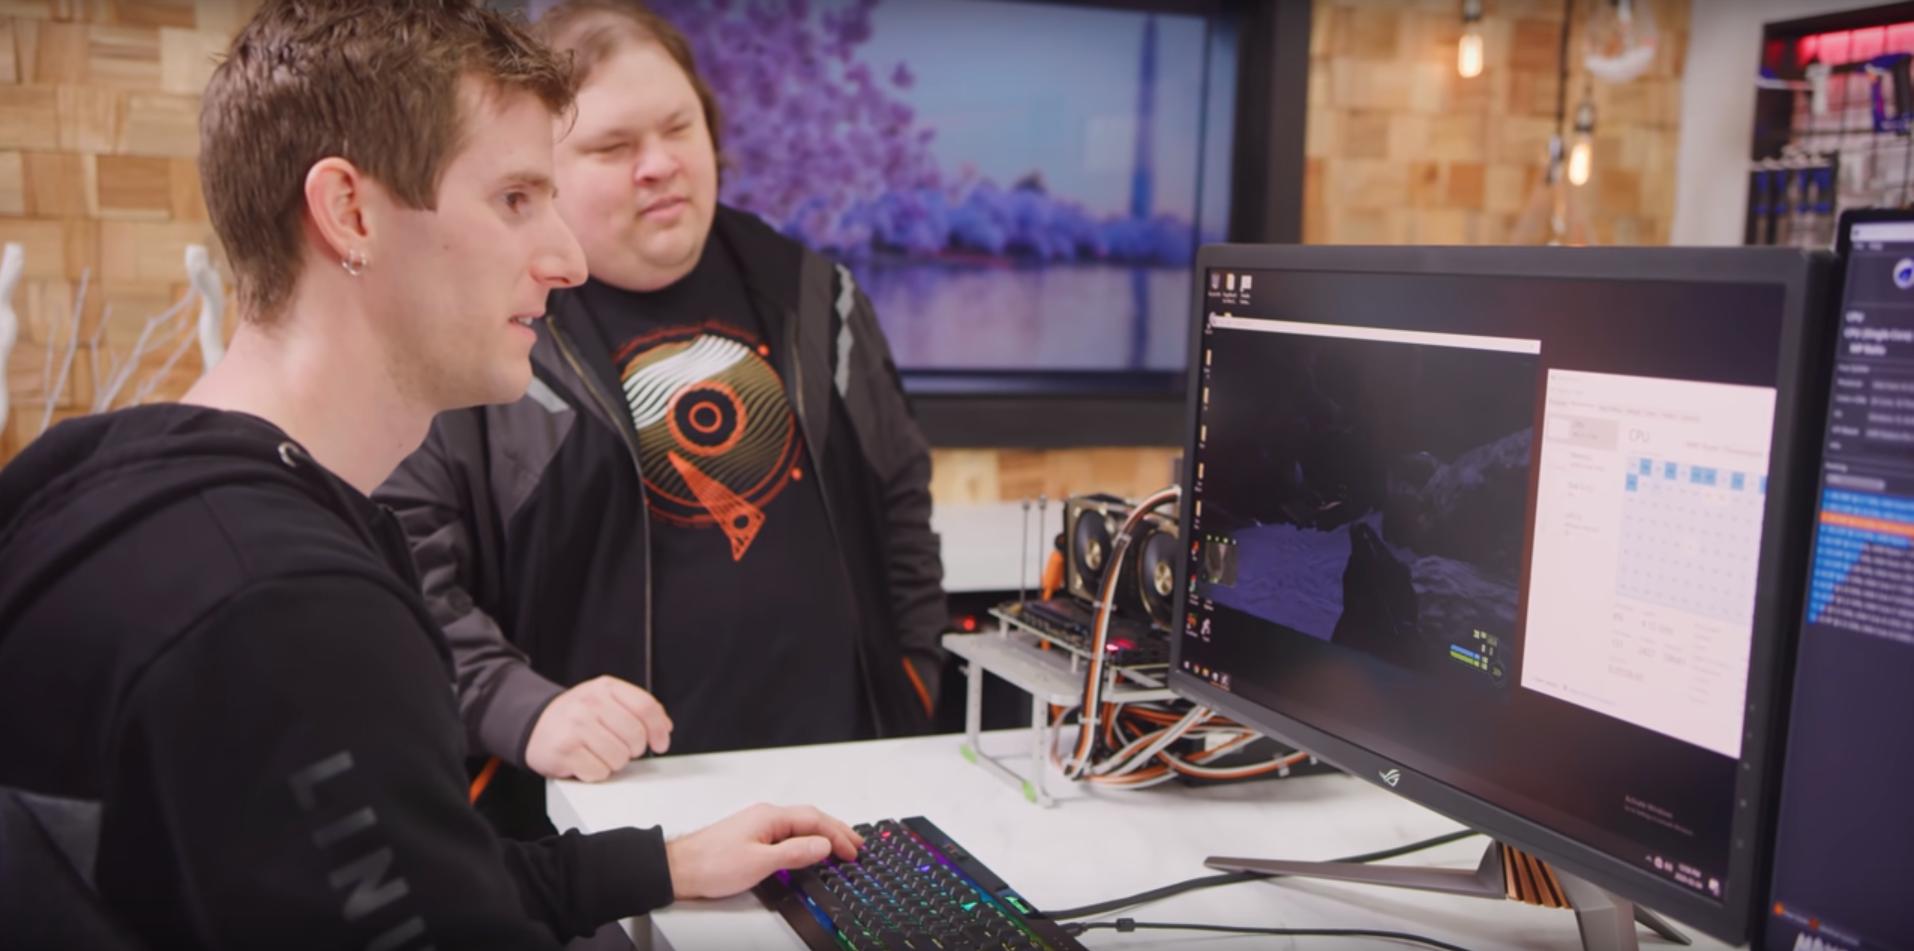 無需GPU AMD新64核超級處理器竟能獨立運行《孤島危機》